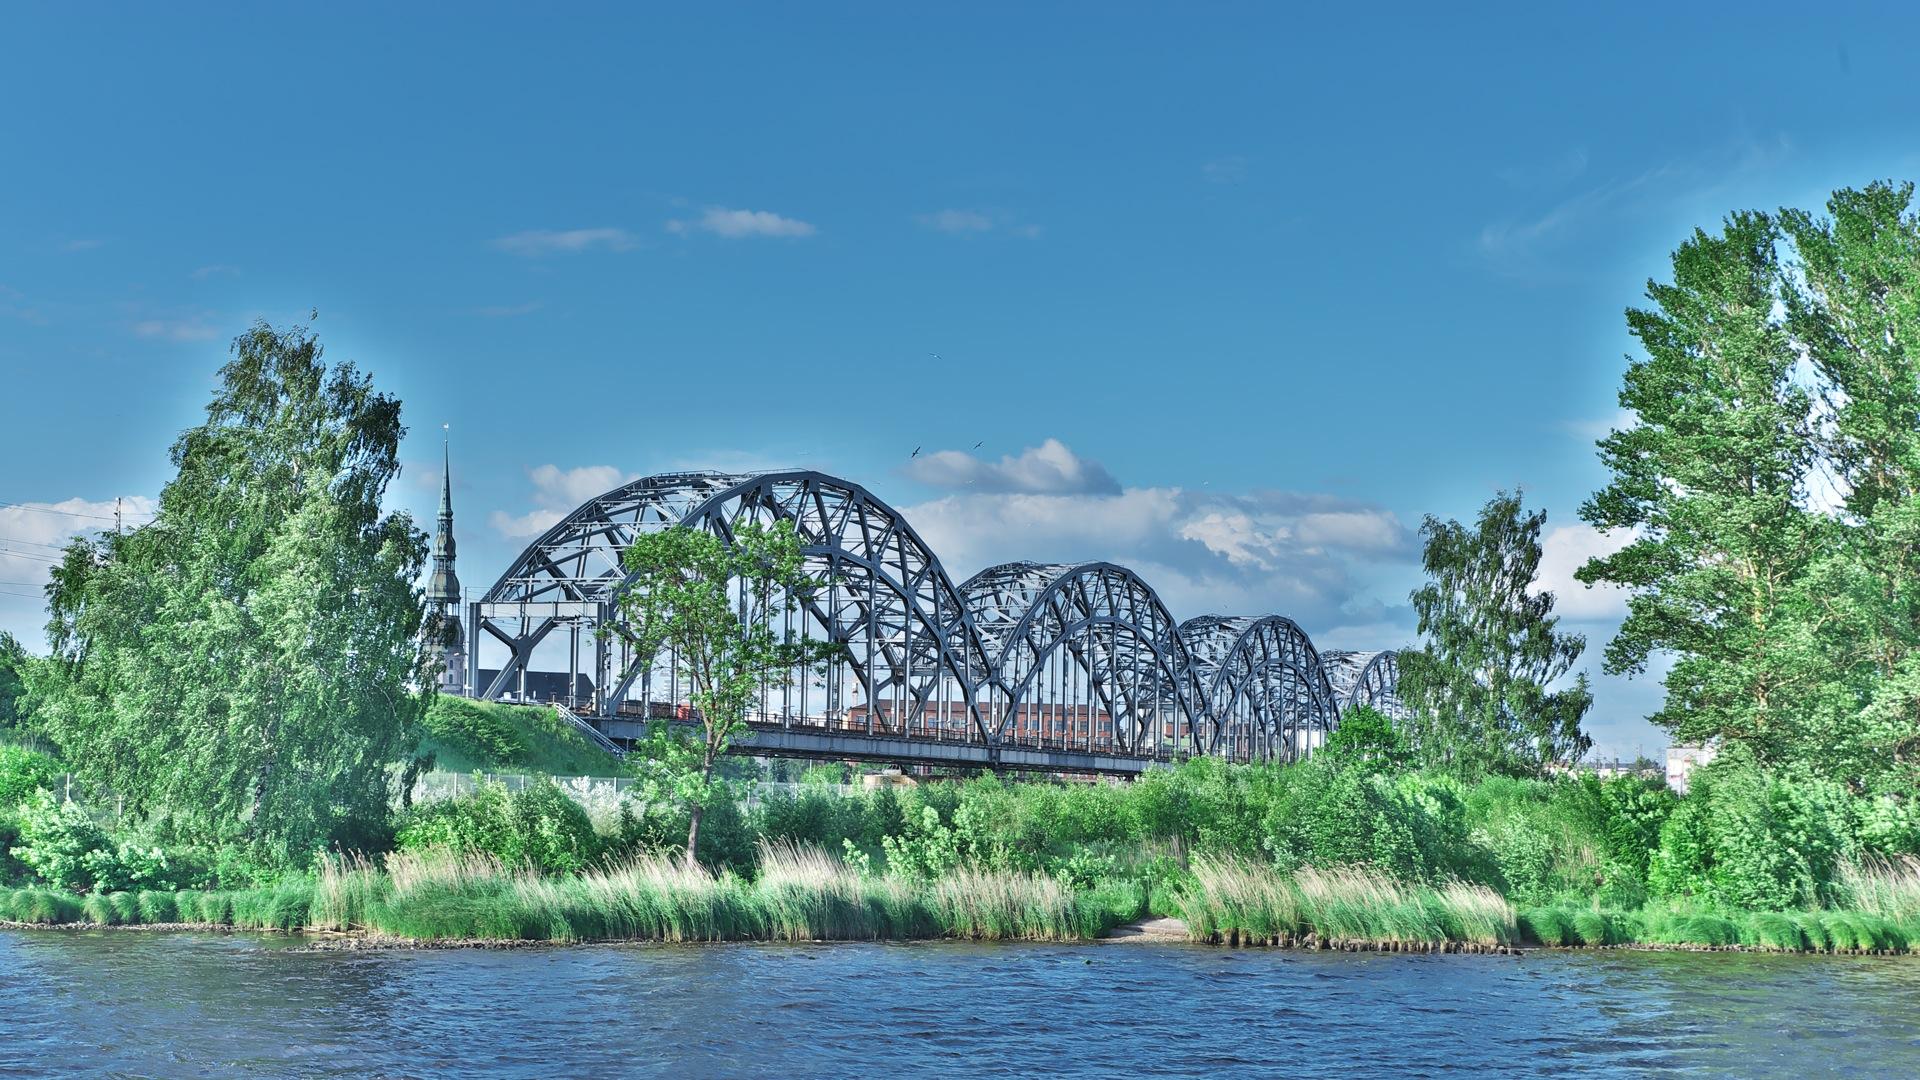 Bild: Eisenbahnbrücke und Peterskirche von Rīga. NIKON D700 mit TAMRON SP 24-70mm F/2.8 Di VC USD. ISO 200 ¦ f/11 ¦ 50 mm ¦ 1/160 s ¦ kein Blitz. Klicken Sie auf das Bild um es zu vergrößern.